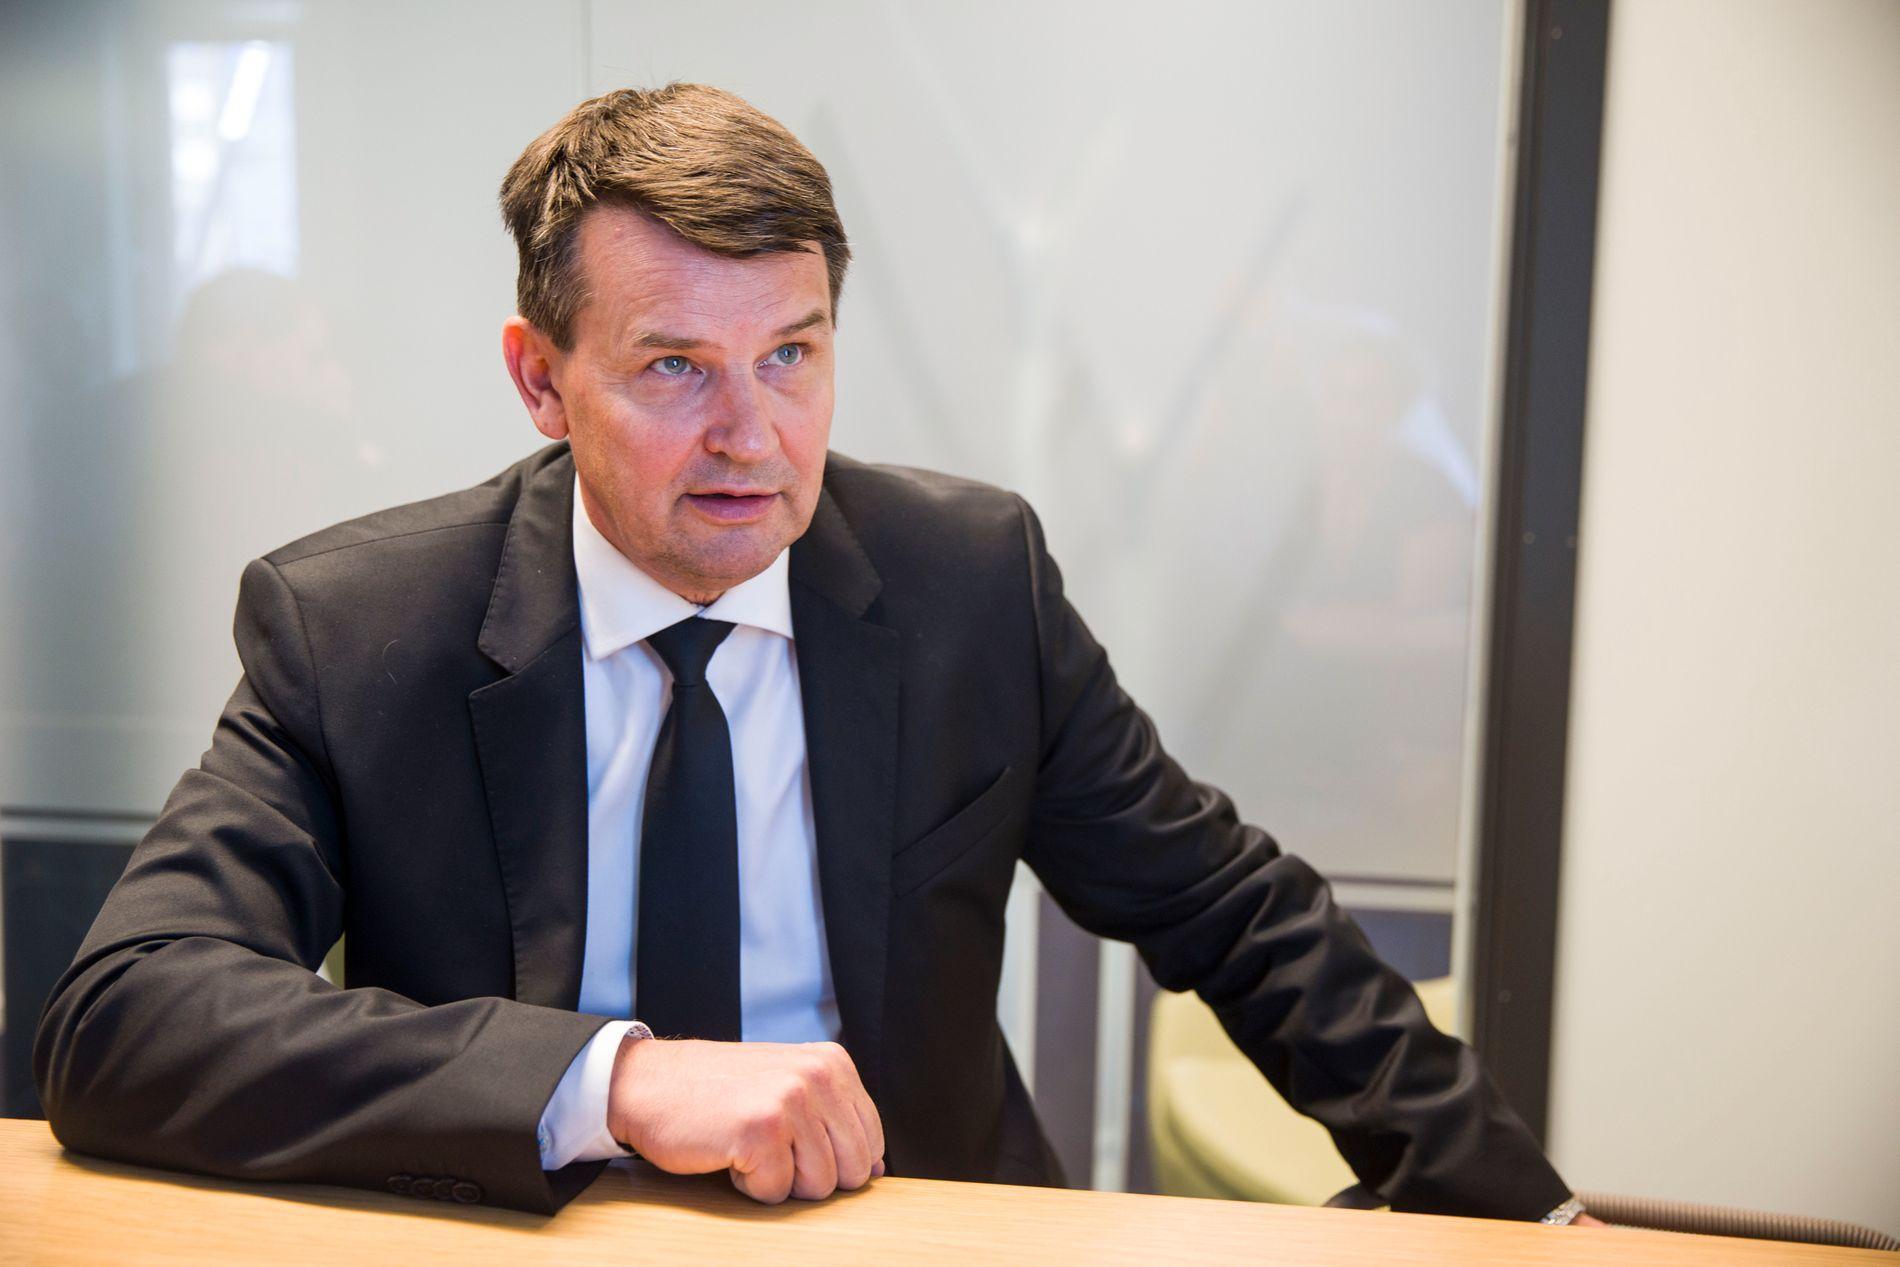 UAKSEPTABELT: Justisminister Tor Mikkel Wara (Frp) sier at politiet fortsatt har kontroll på Holmlia, men at situasjonen er uakseptabel og at gjengen må tas.